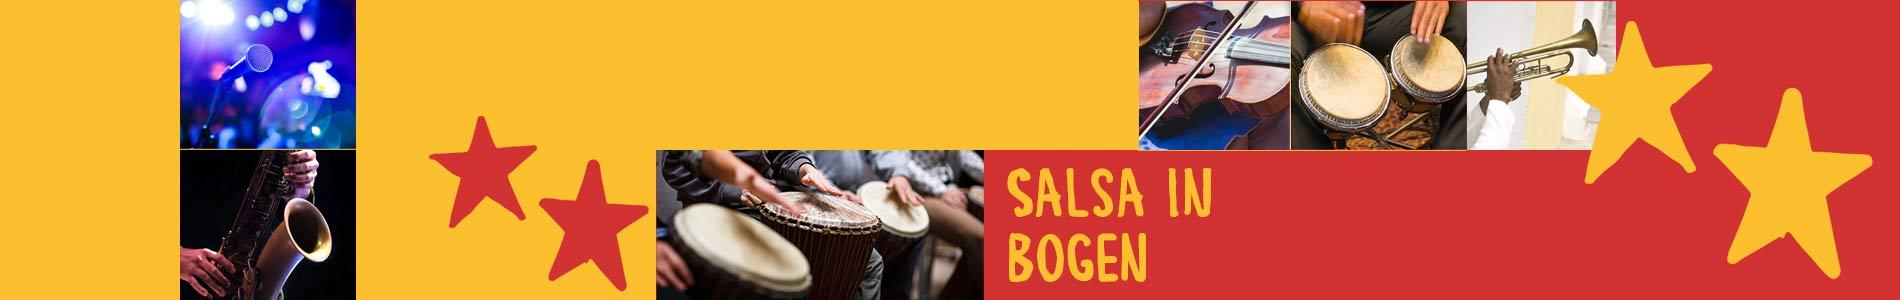 Salsa in Bogen – Salsa lernen und tanzen, Tanzkurse, Partys, Veranstaltungen